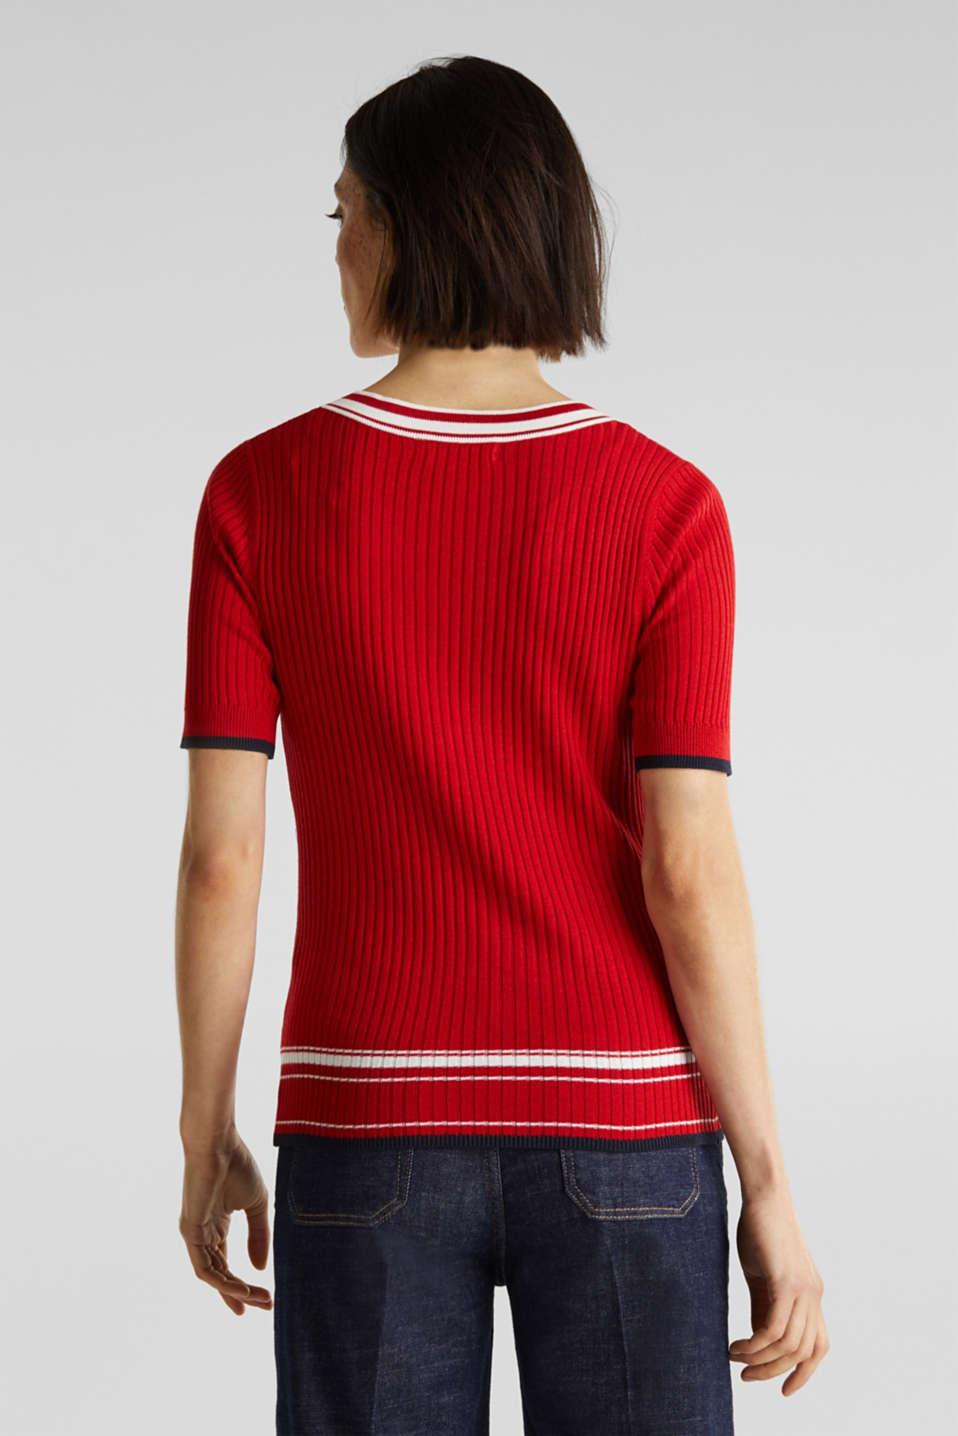 Short-sleeved V-neck jumper, DARK RED 3, detail image number 3